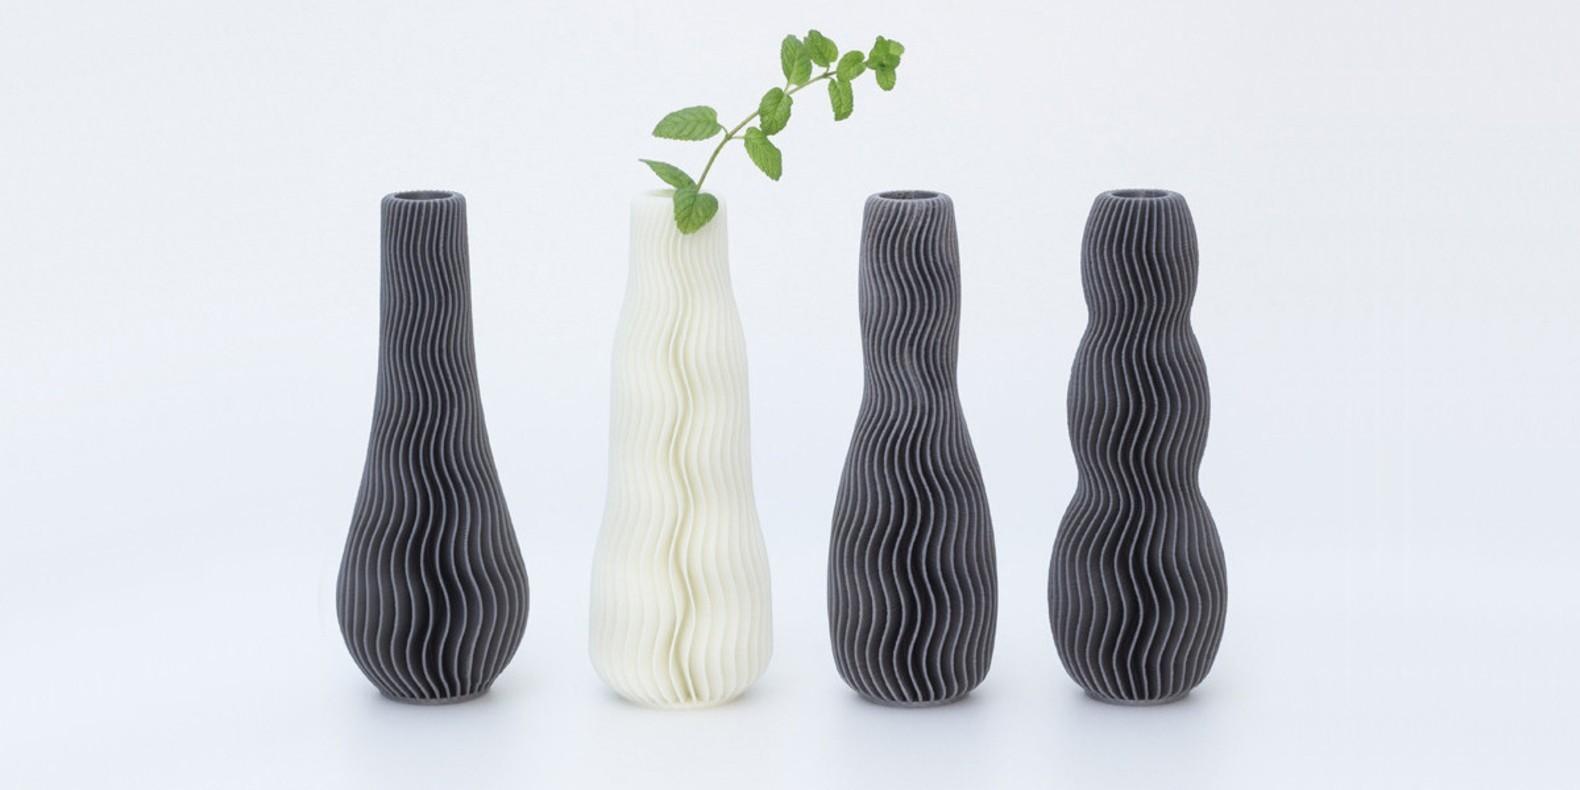 Descubra en esta colección de archivos STL para impresora 3D de jarrones.